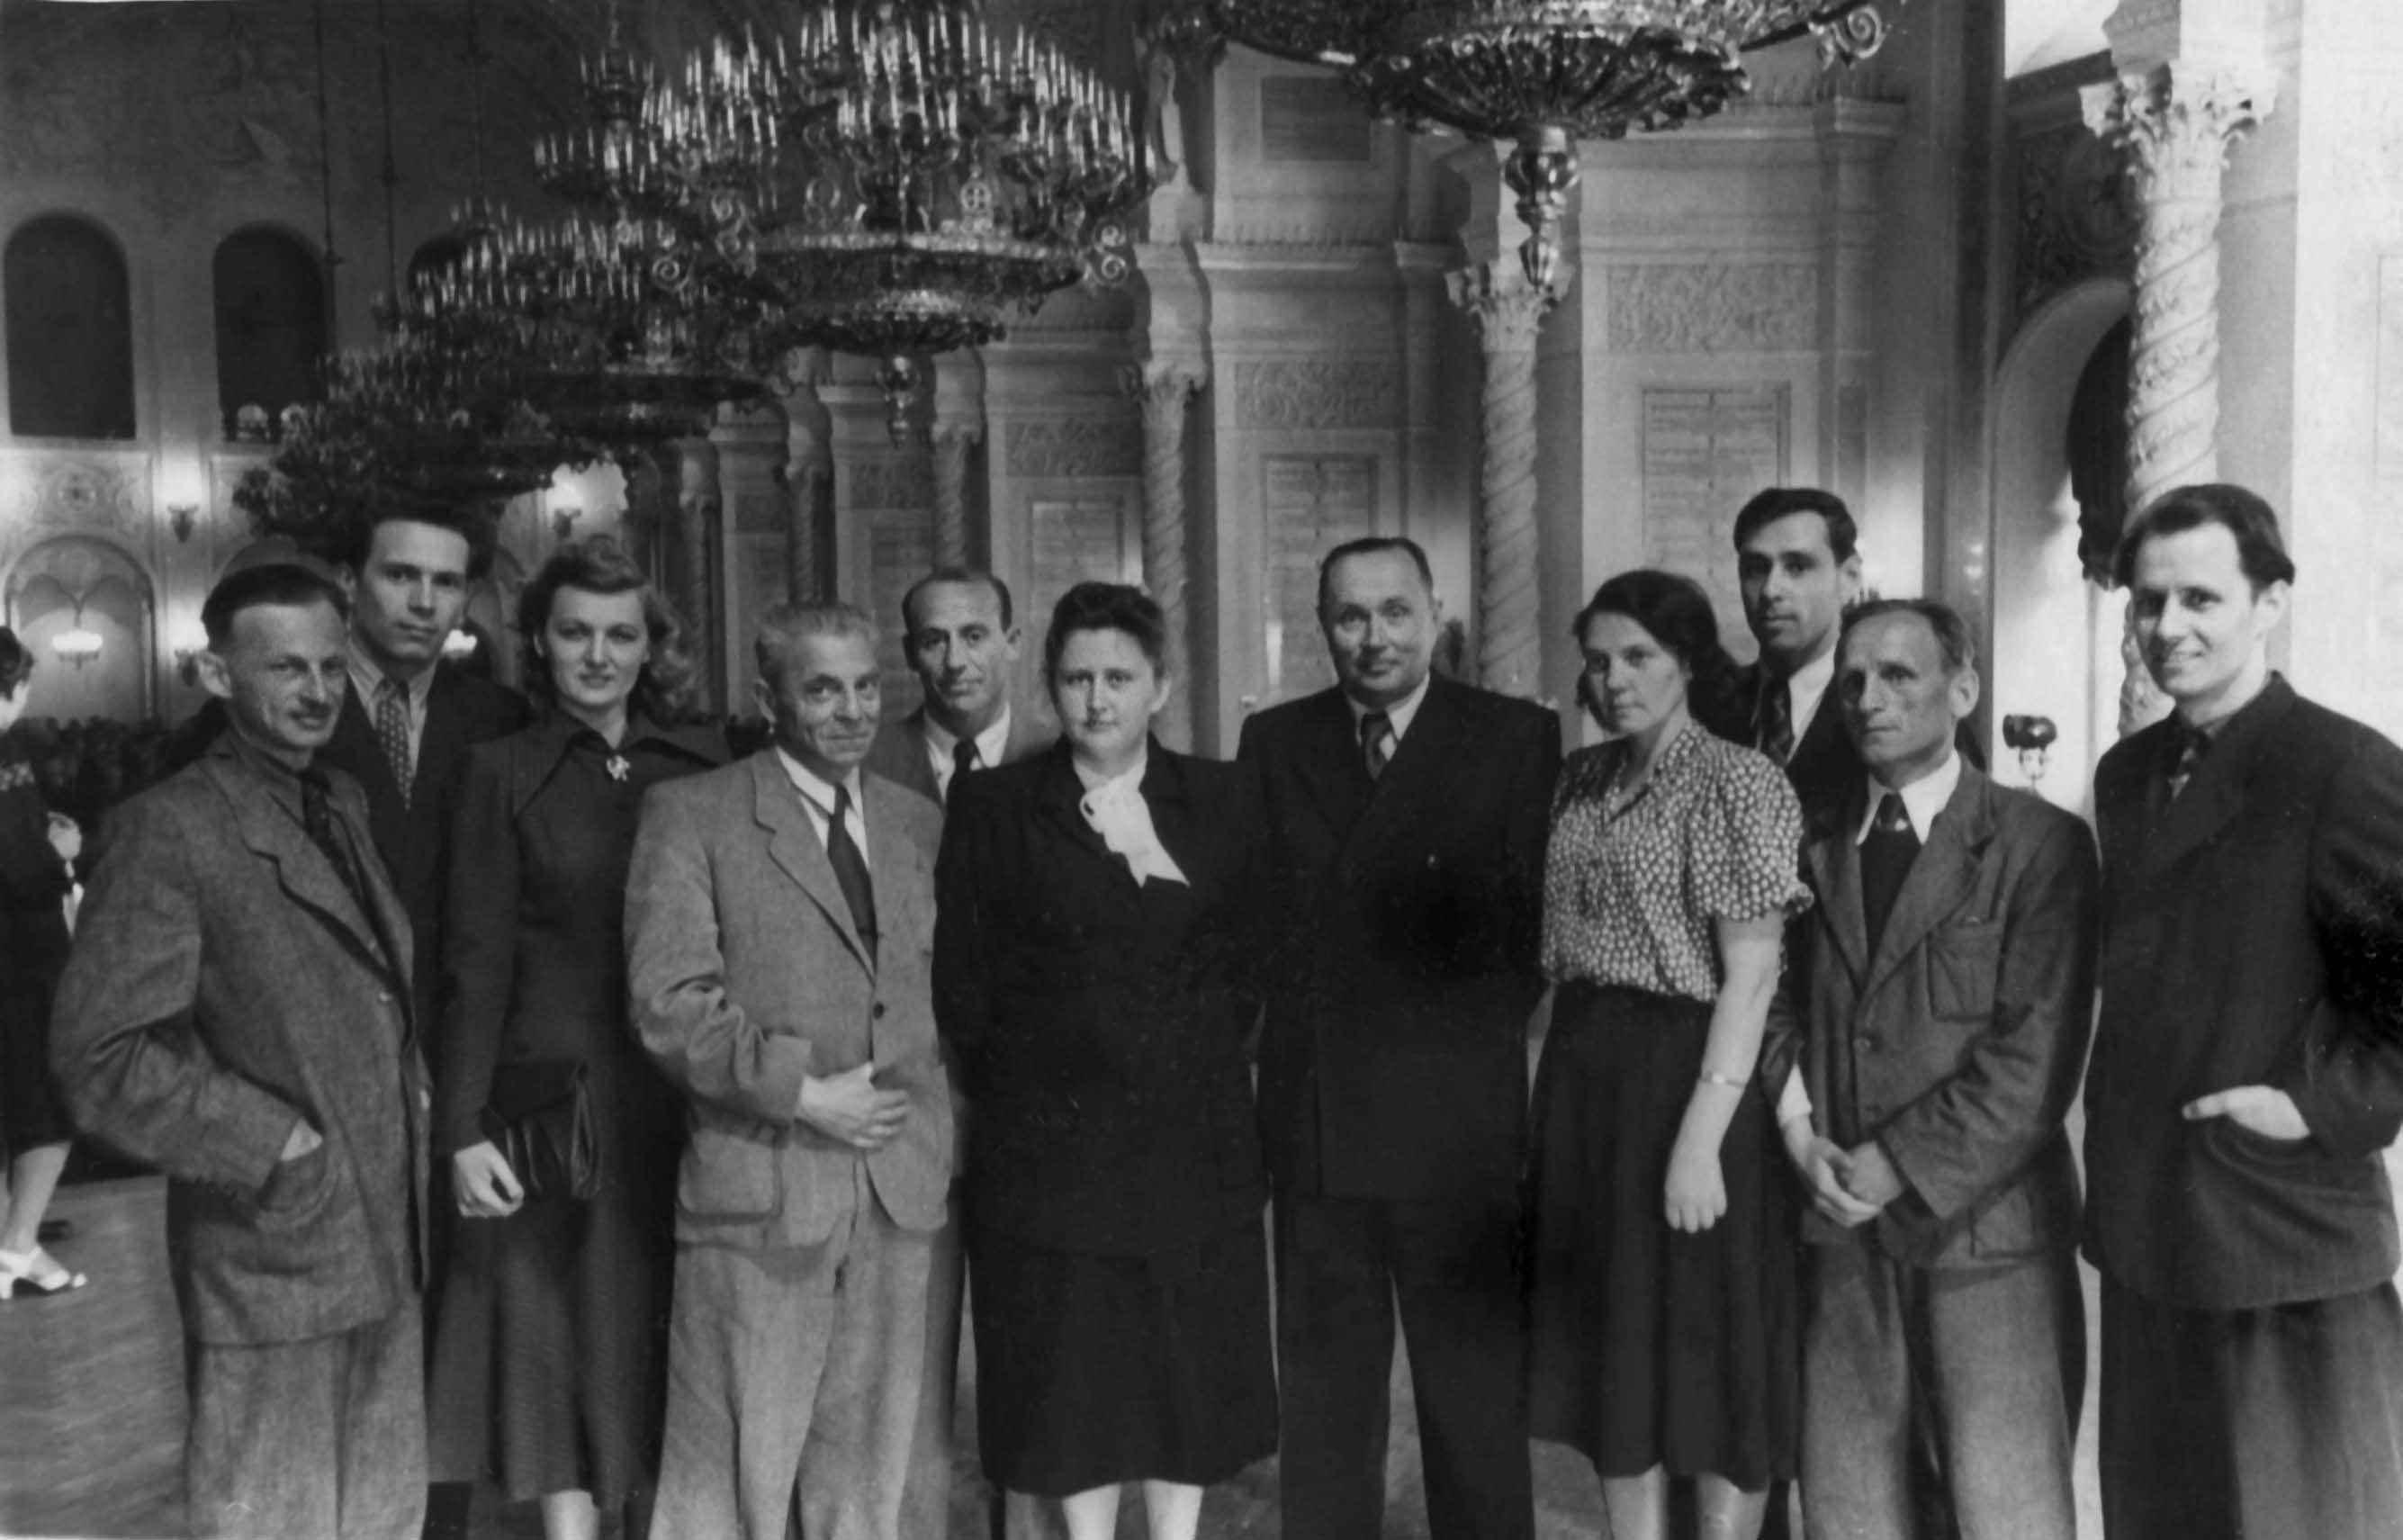 Экспонат #27. Съемочная группа ЦСДФ в Георгиевском зале Кремля. Нач. 50-х годов